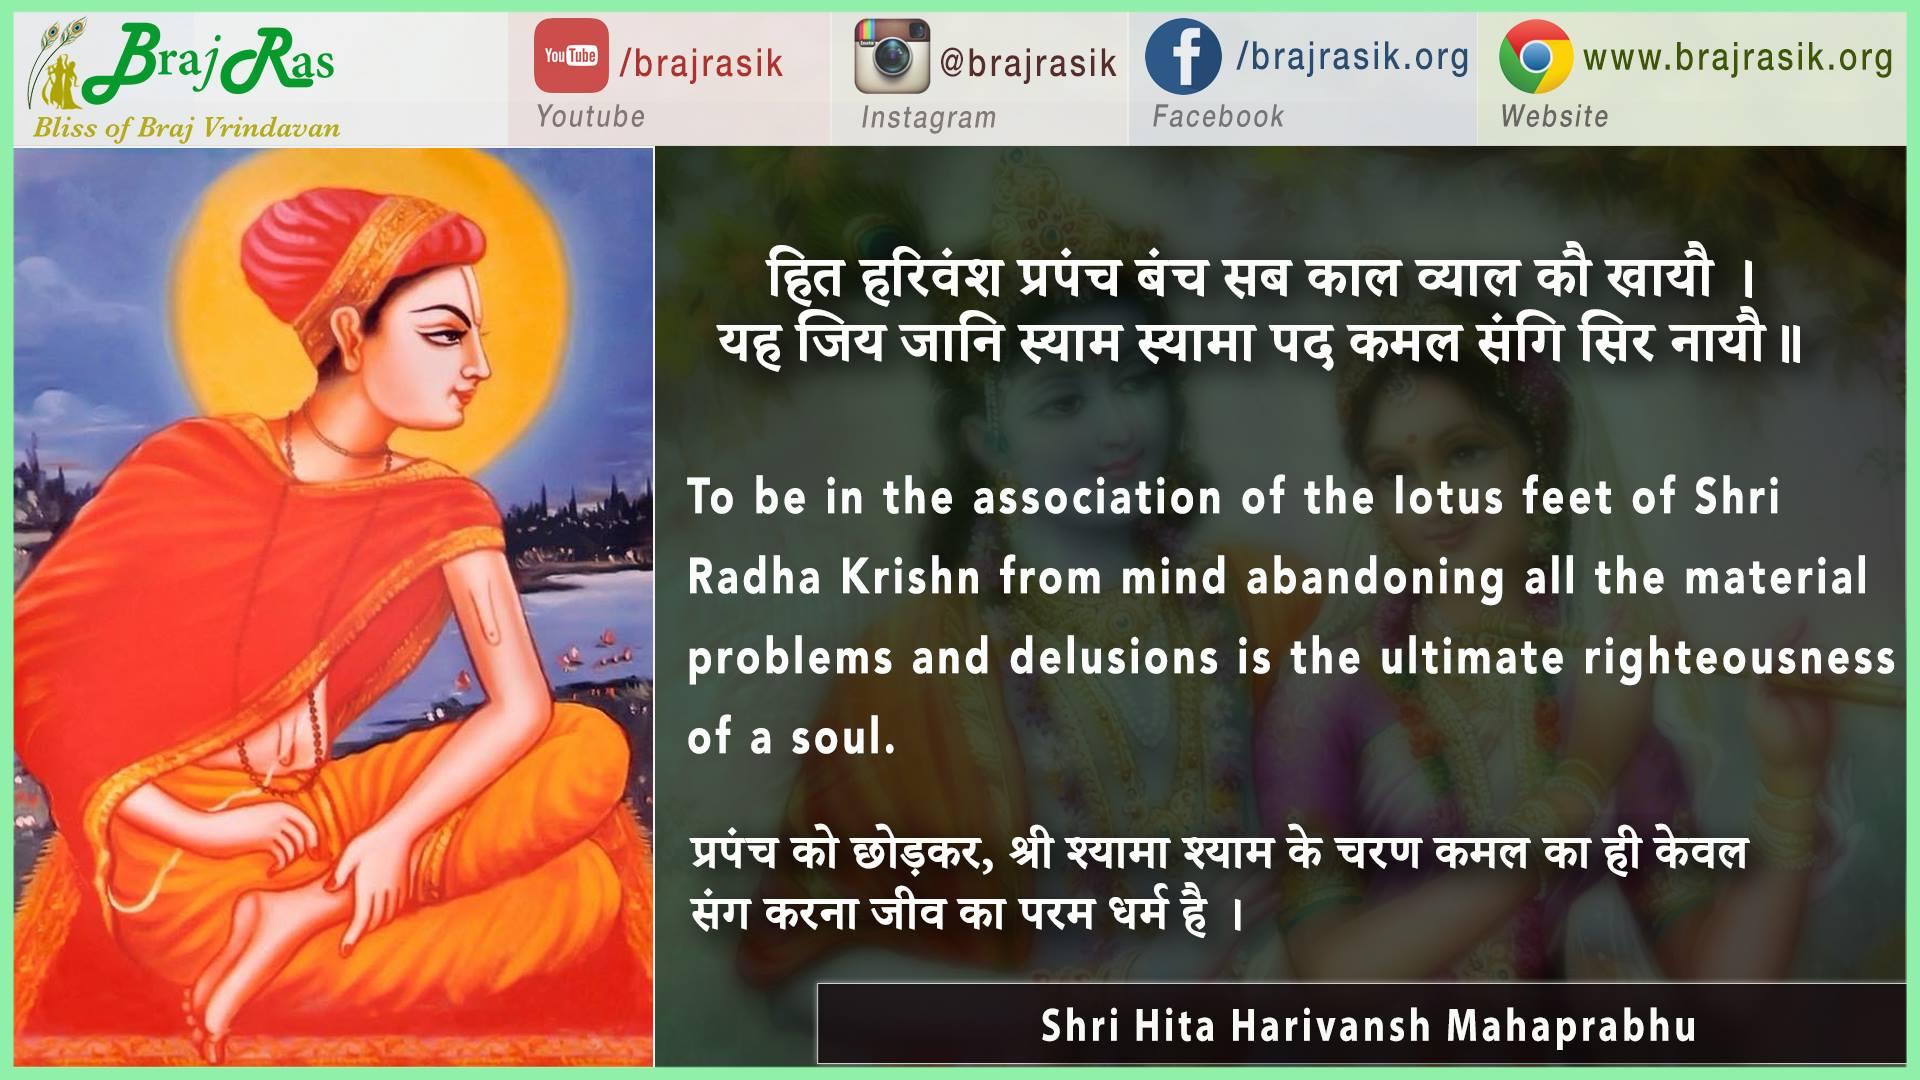 Hita Harivansh Prapanch Banch Sab Kaal Vyaal Ko Khaayo - Shri Hita Harivansh Mahaprabhu